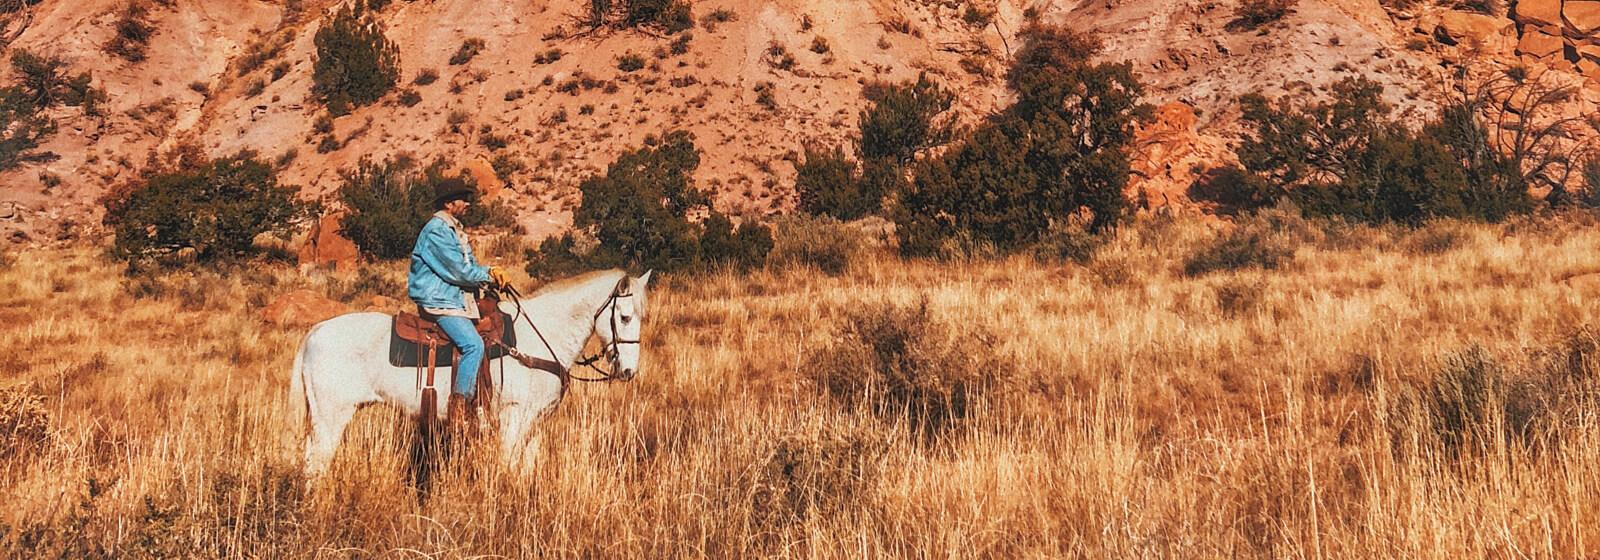 Cowboy3 image slide